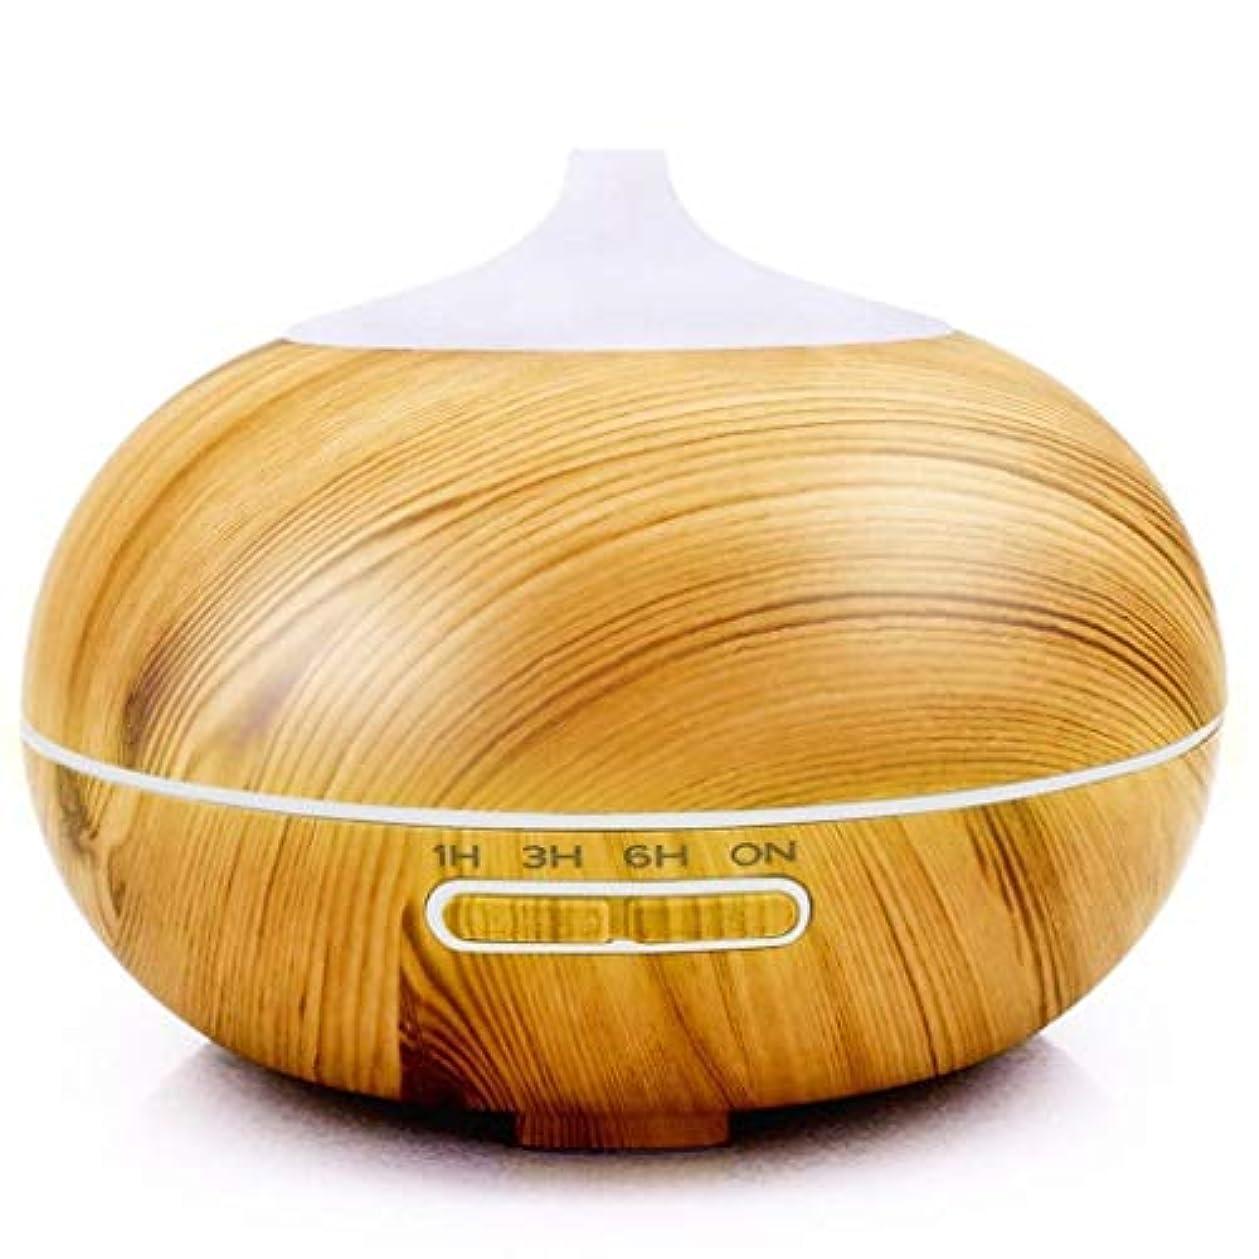 伝えるパーフェルビッド汚れた300ミリリットルエッセンシャルオイルディフューザーアロマディフューザー木材穀物アロマディフューザーで7色ledライトウォーターレス自動シャットオフ用ホームオフィスヨガ (Color : Light Wood Grain)